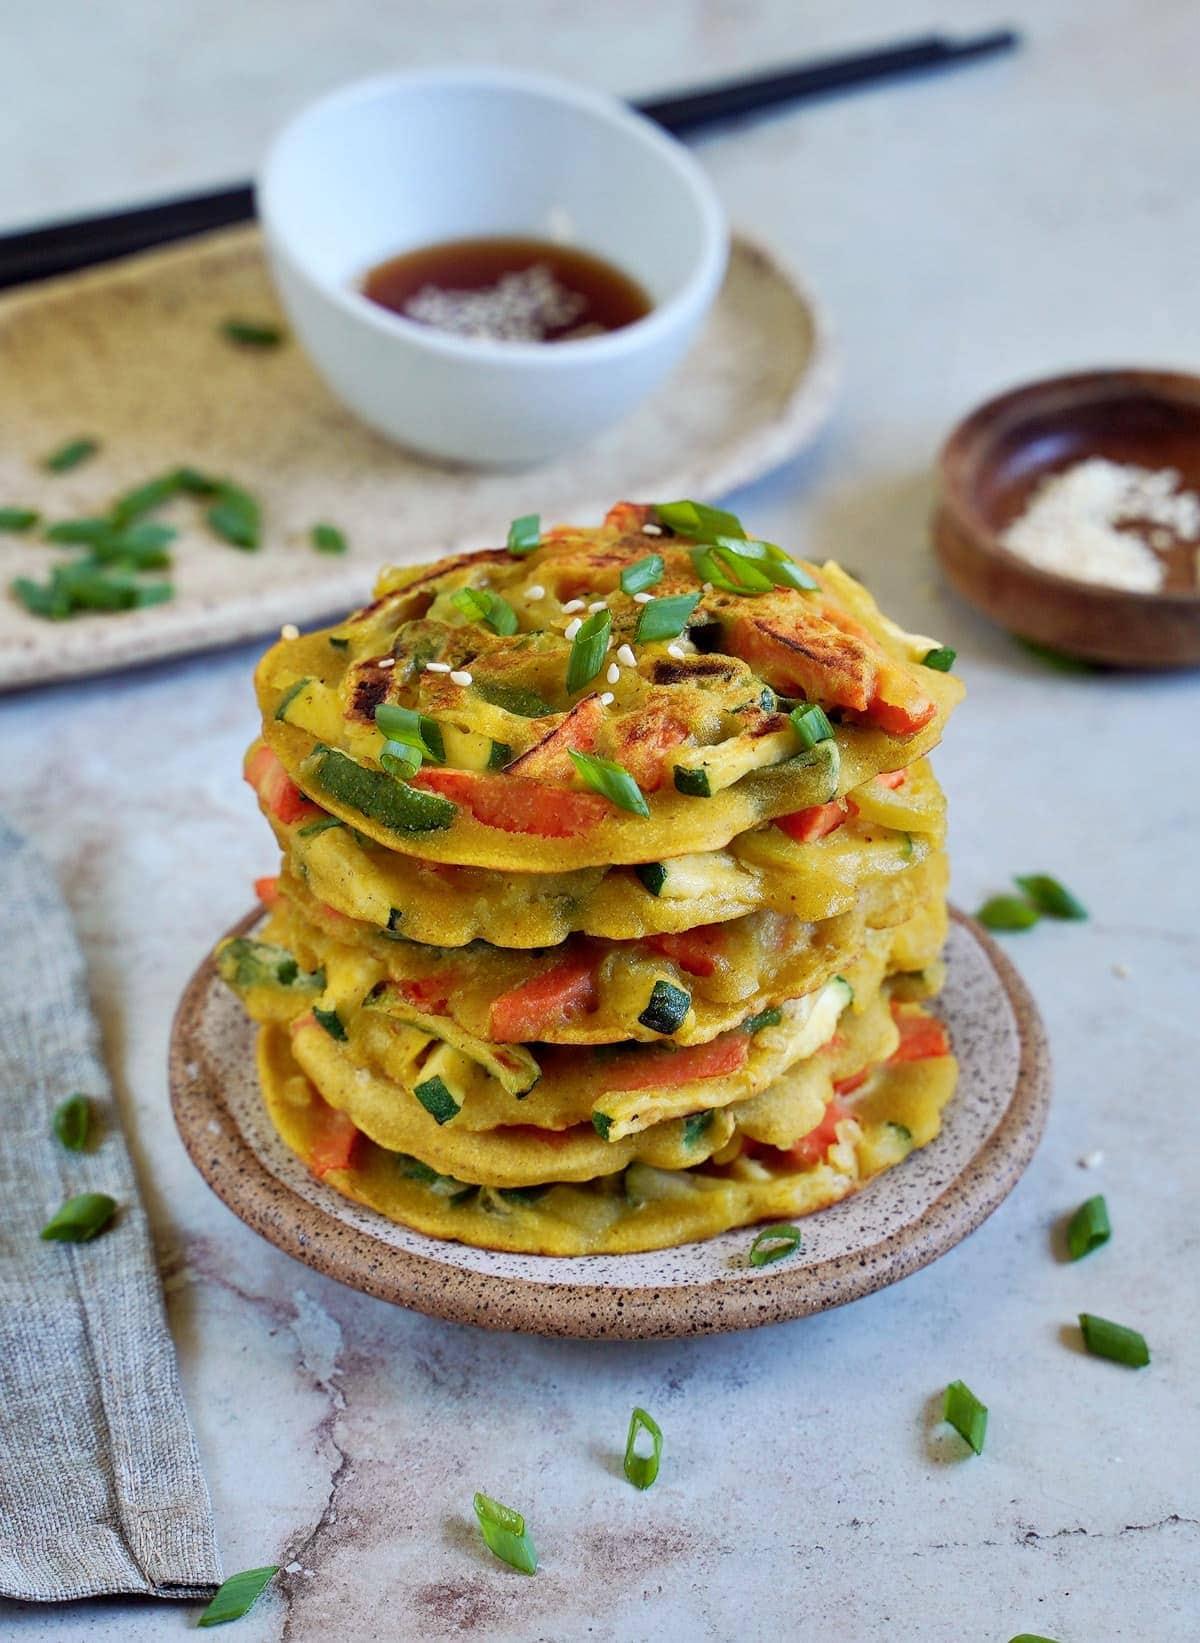 pajeon - Korean scallion pancake stack on small plate